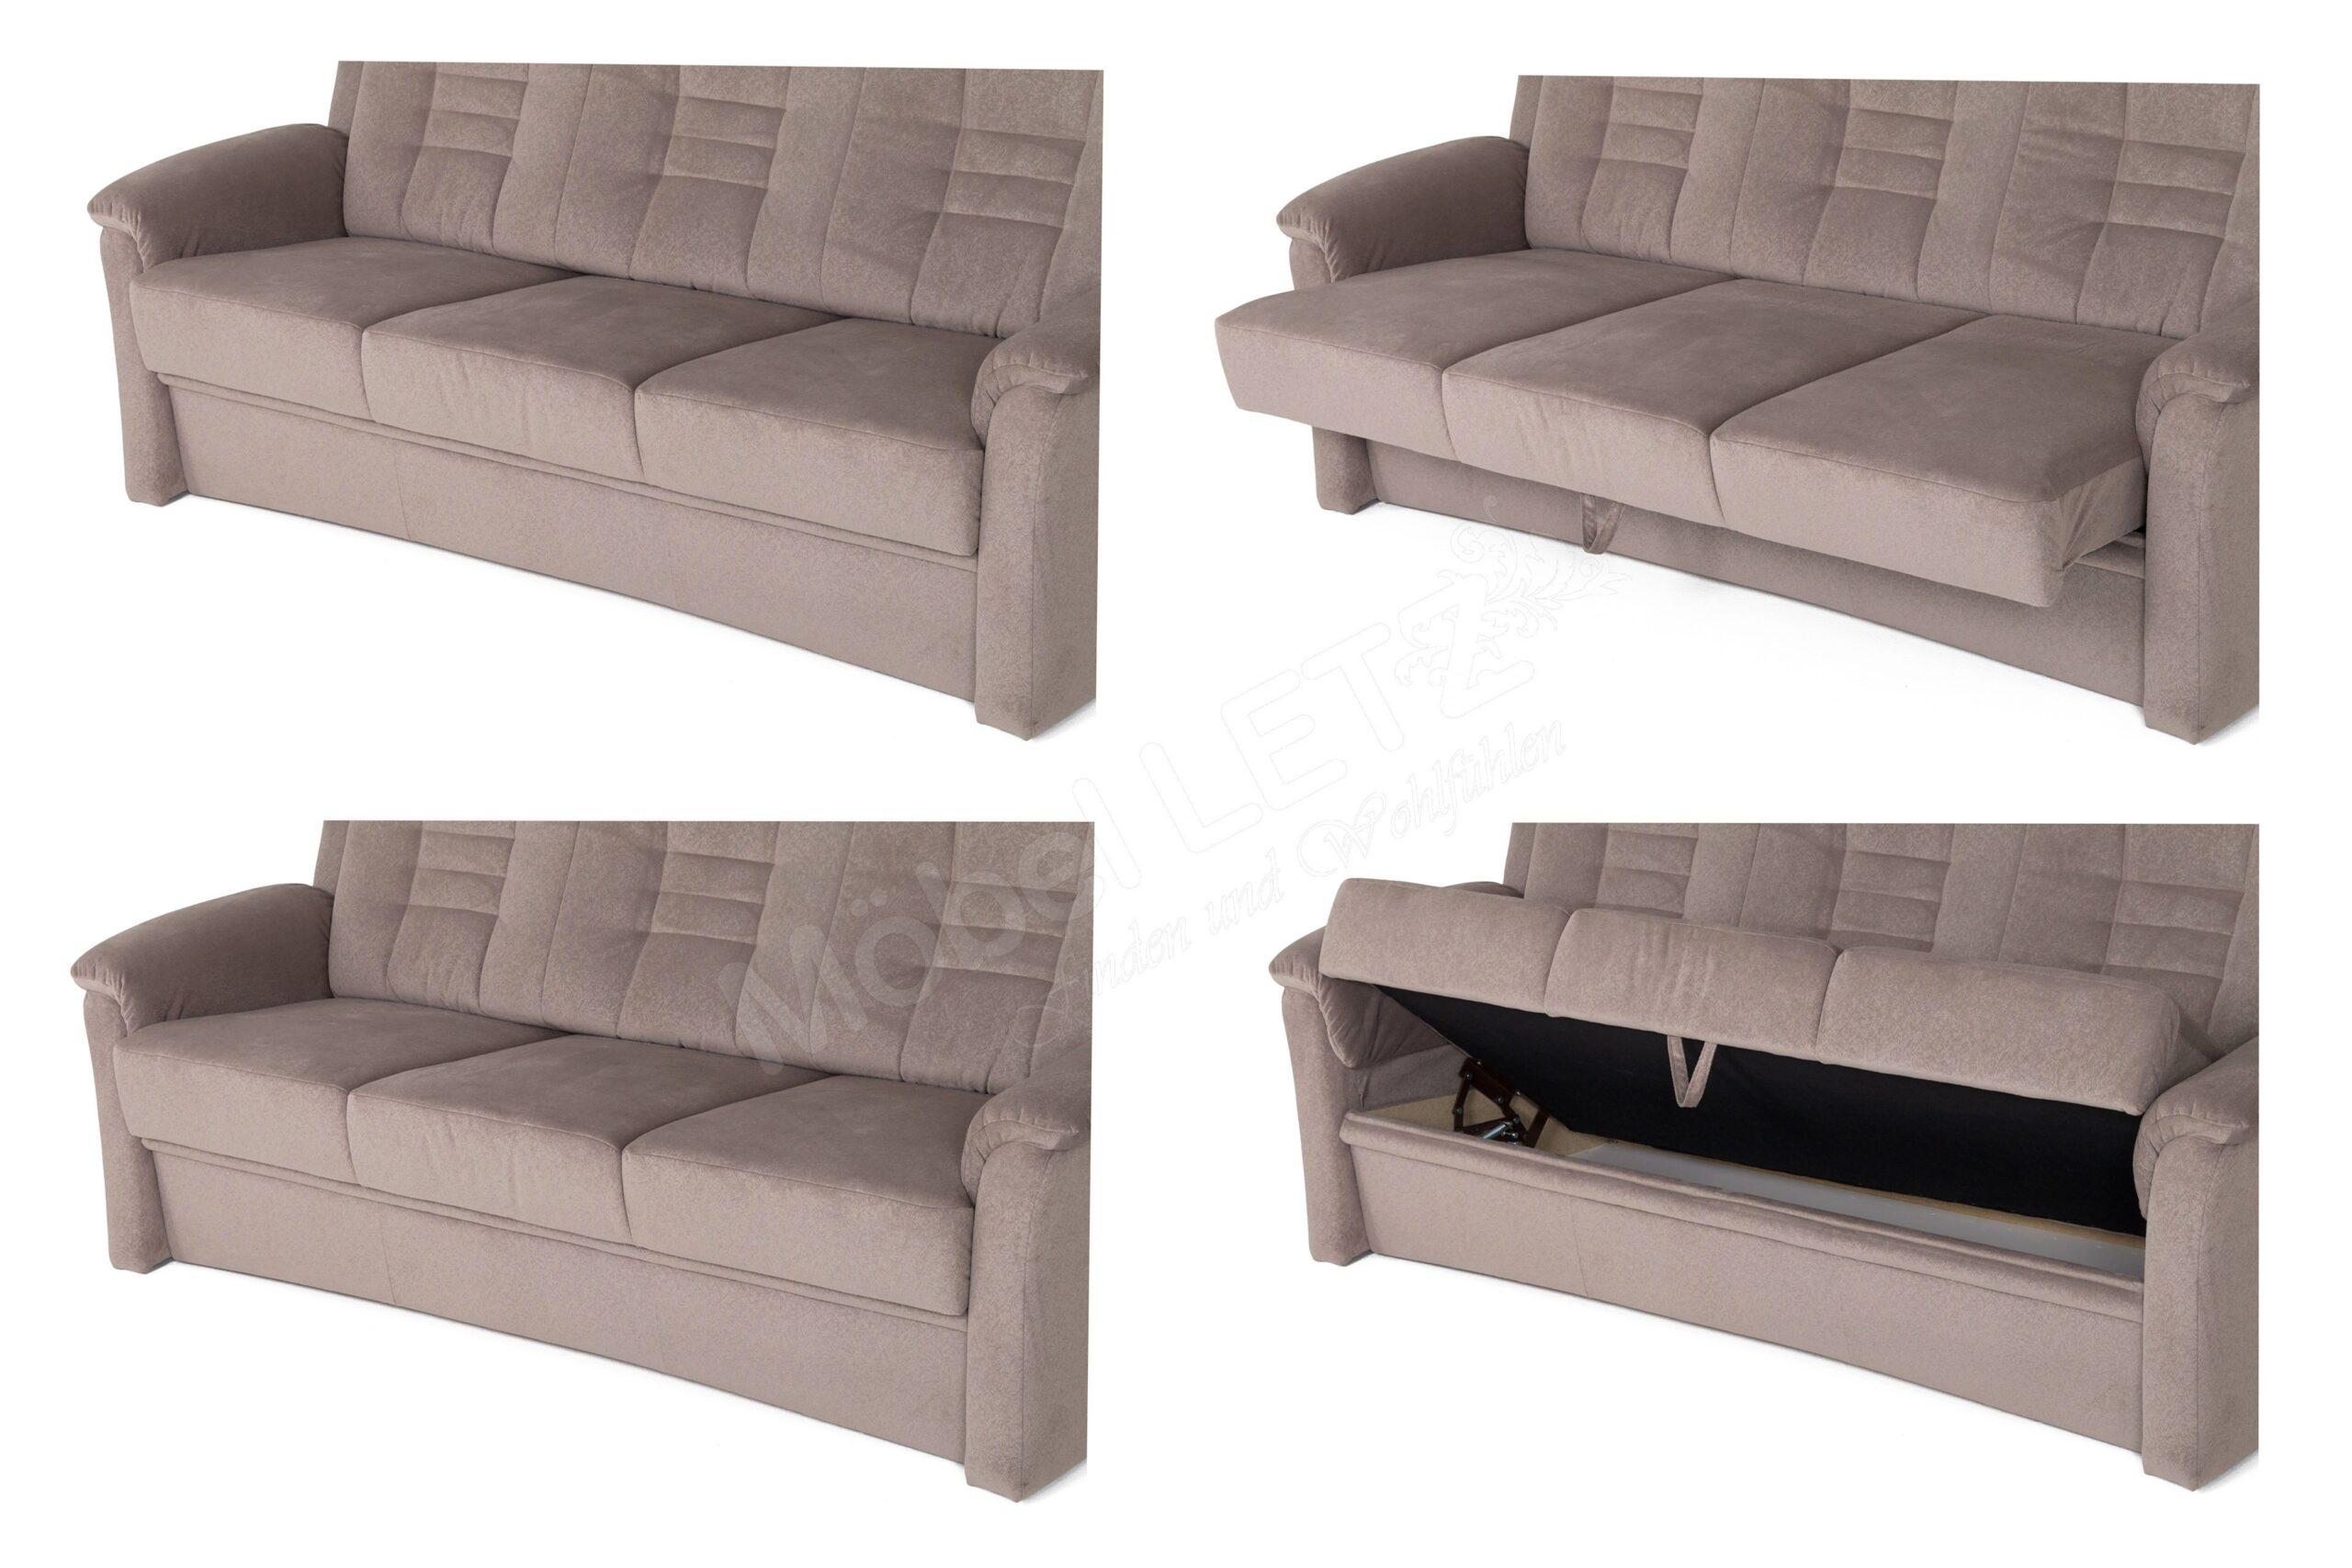 Full Size of Sofa Garnitur 2 Teilig Berlin Von Dietsch Nougat Sofas Couches Online Kaufen Bett Breit Big Leder Sitzer Kare 200x220 140x200 Günstig Weißes 90x200 Mit Sofa Sofa Garnitur 2 Teilig